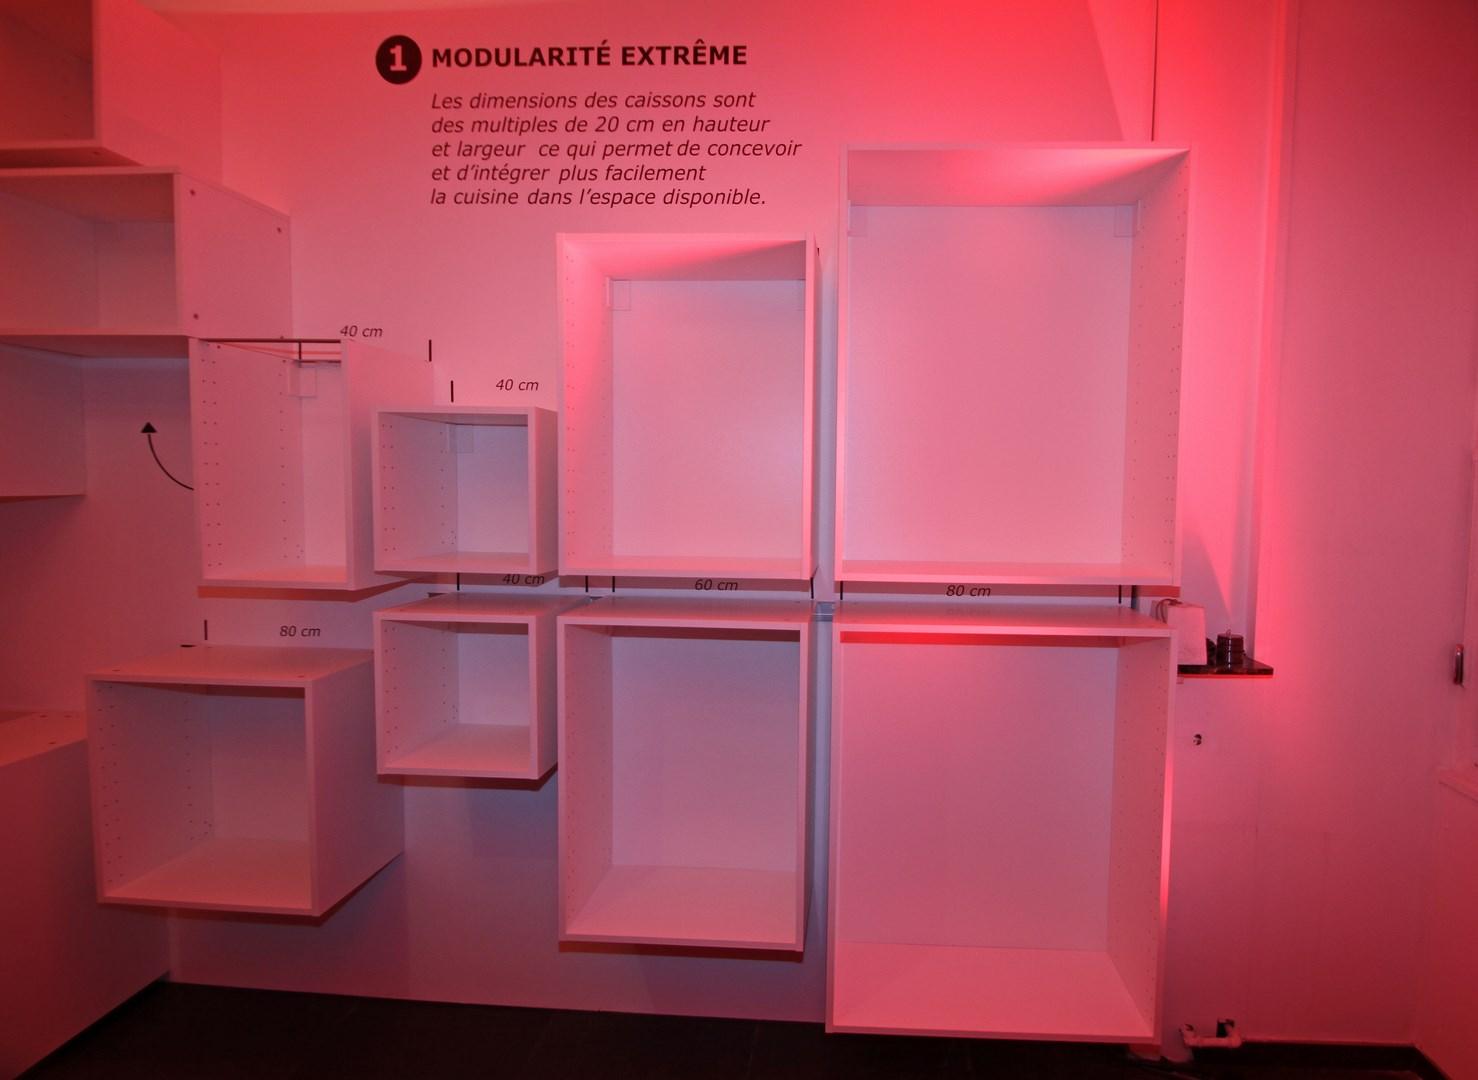 Caisson Meuble Cuisine Ikea Meuble Cuisine Profondeur Cm Ikea  # Ikea Meuble Tele Caisson